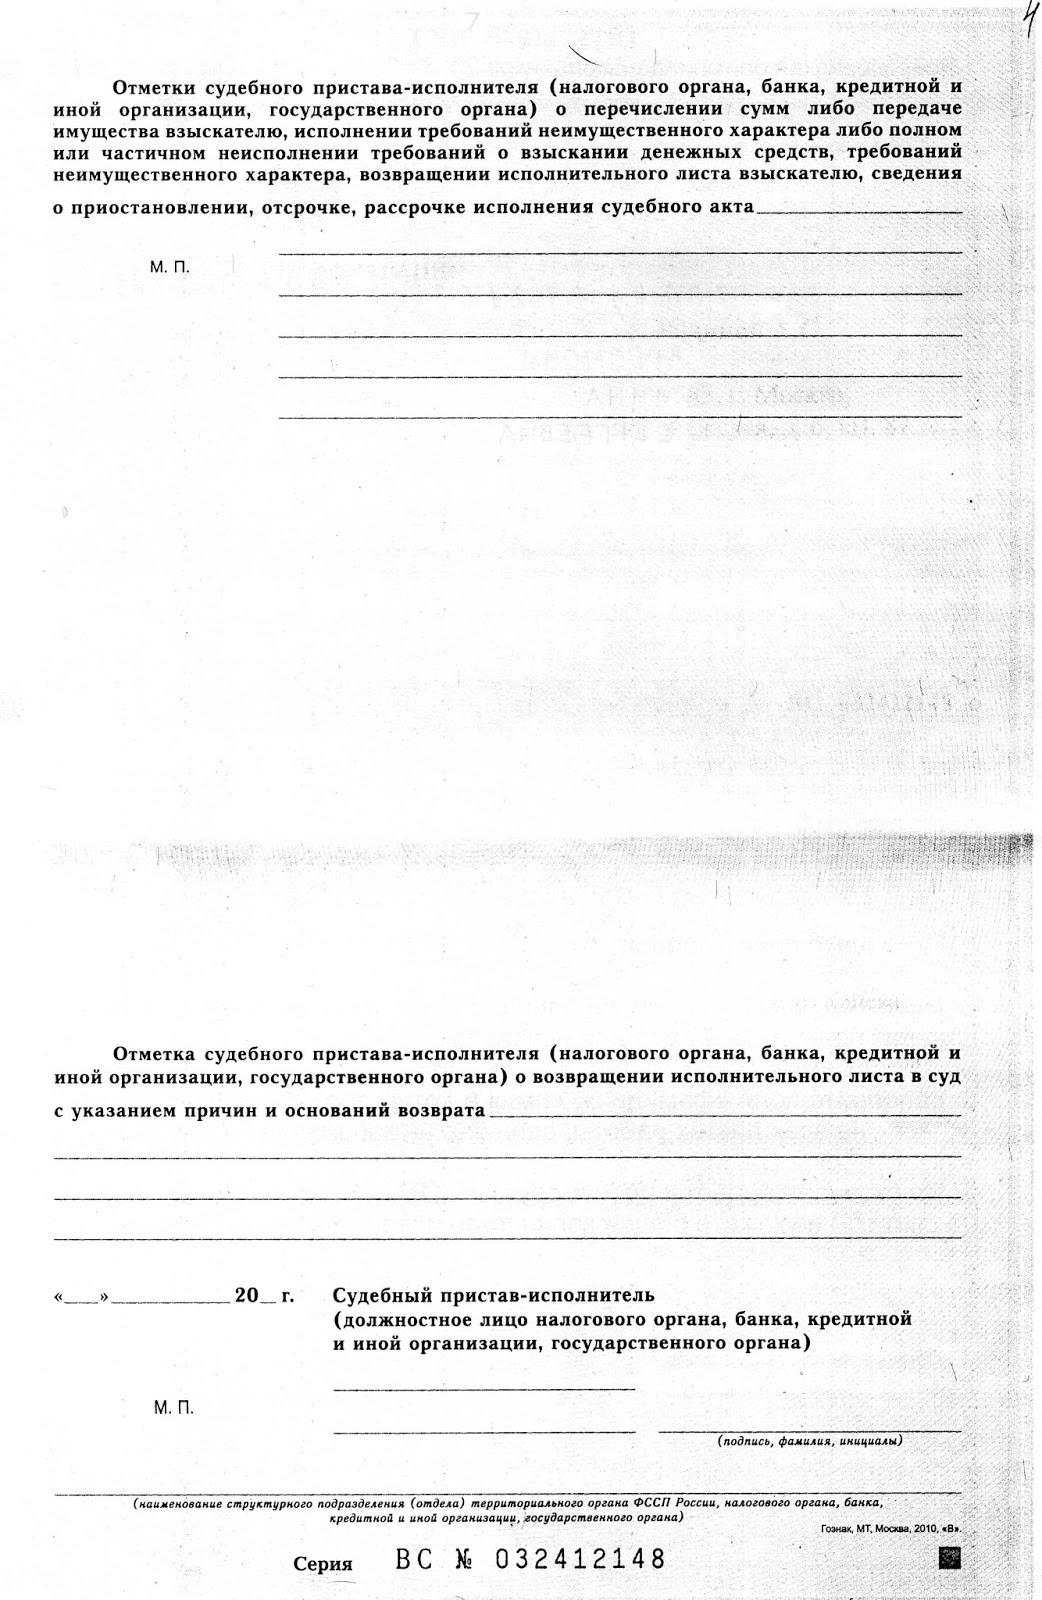 В Москве рассмотрят апелляцию банка Югра о законности отзыва лицензии